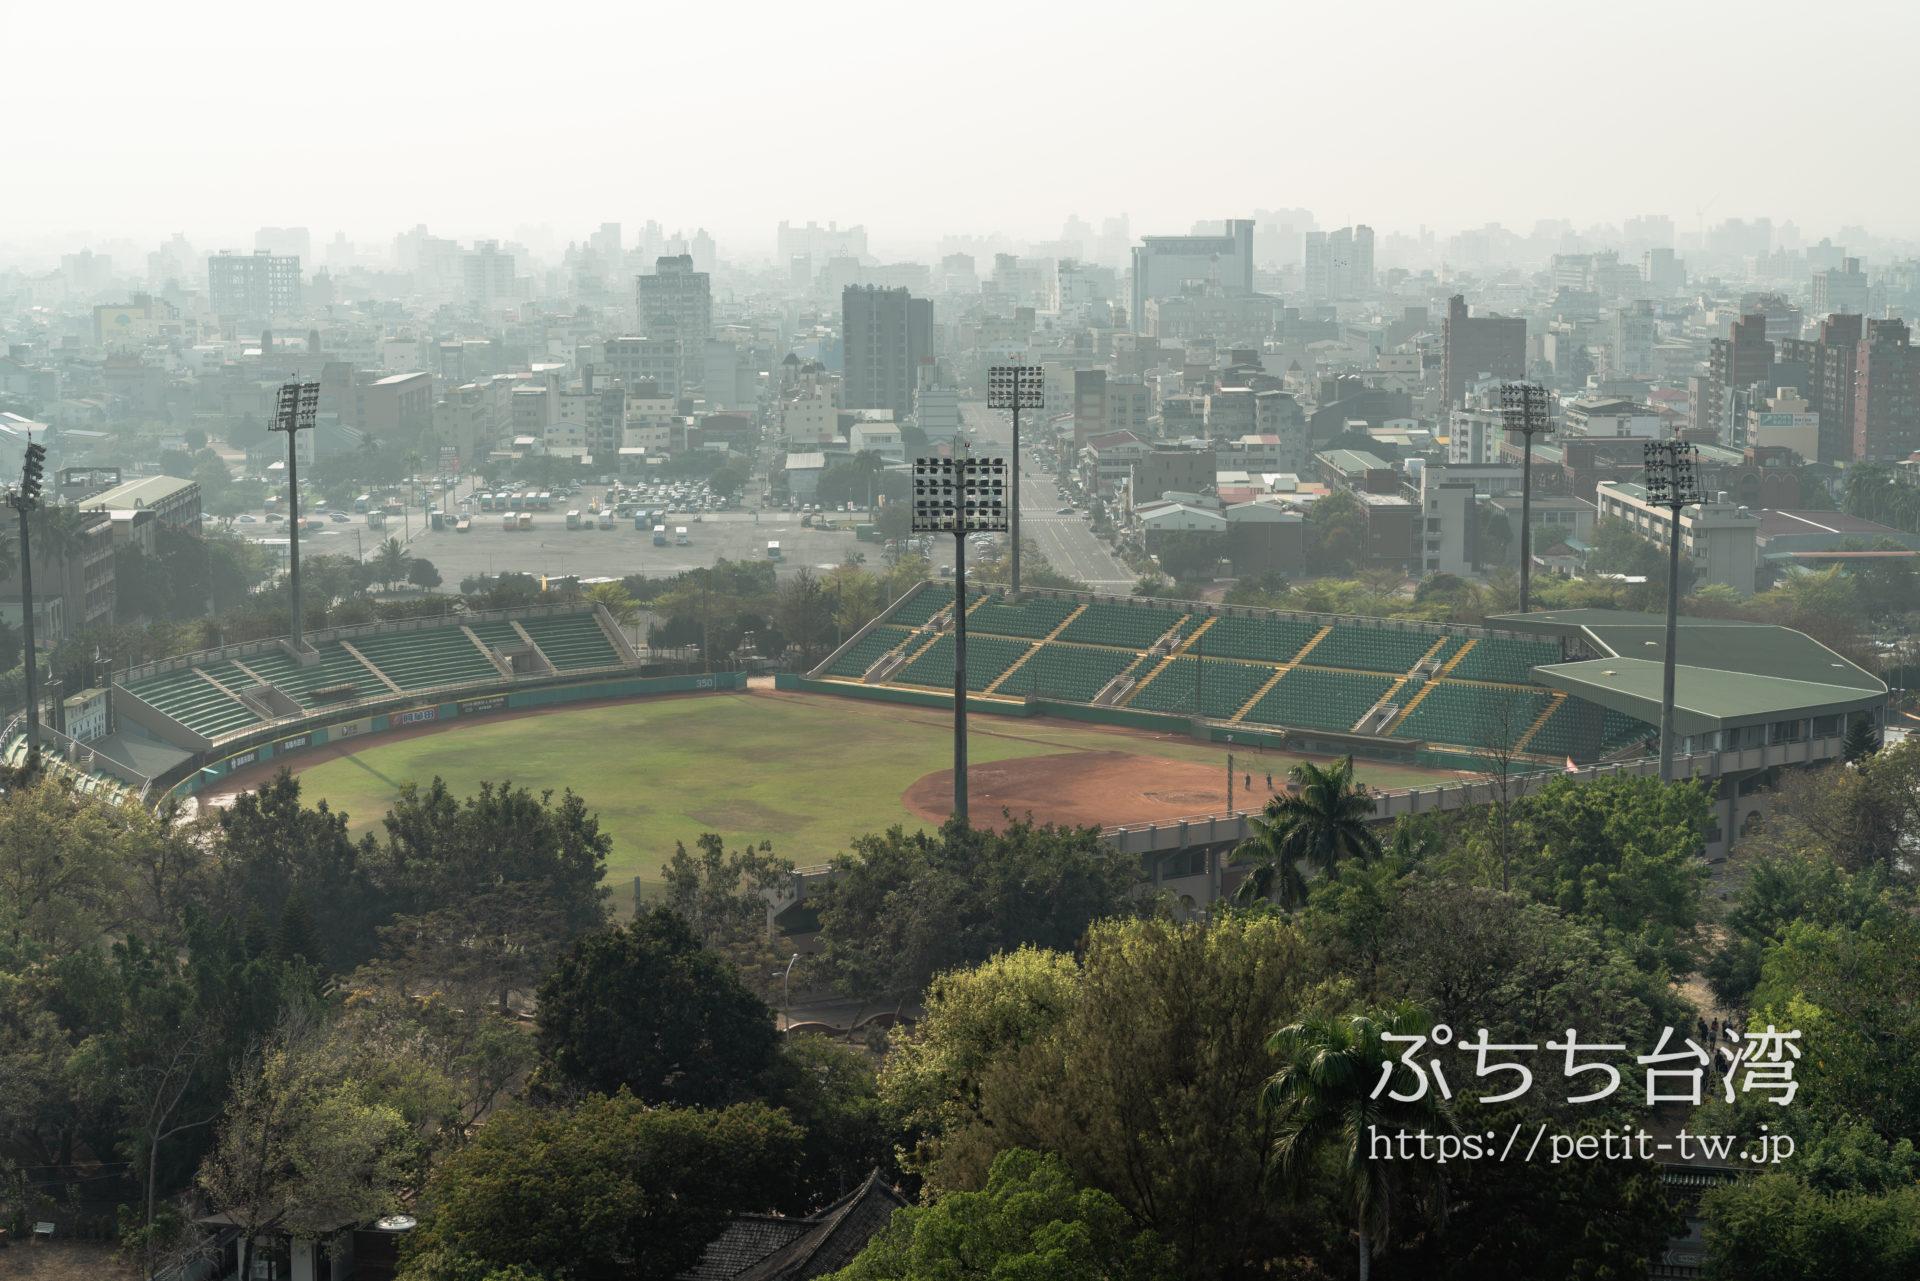 嘉義市立野球場